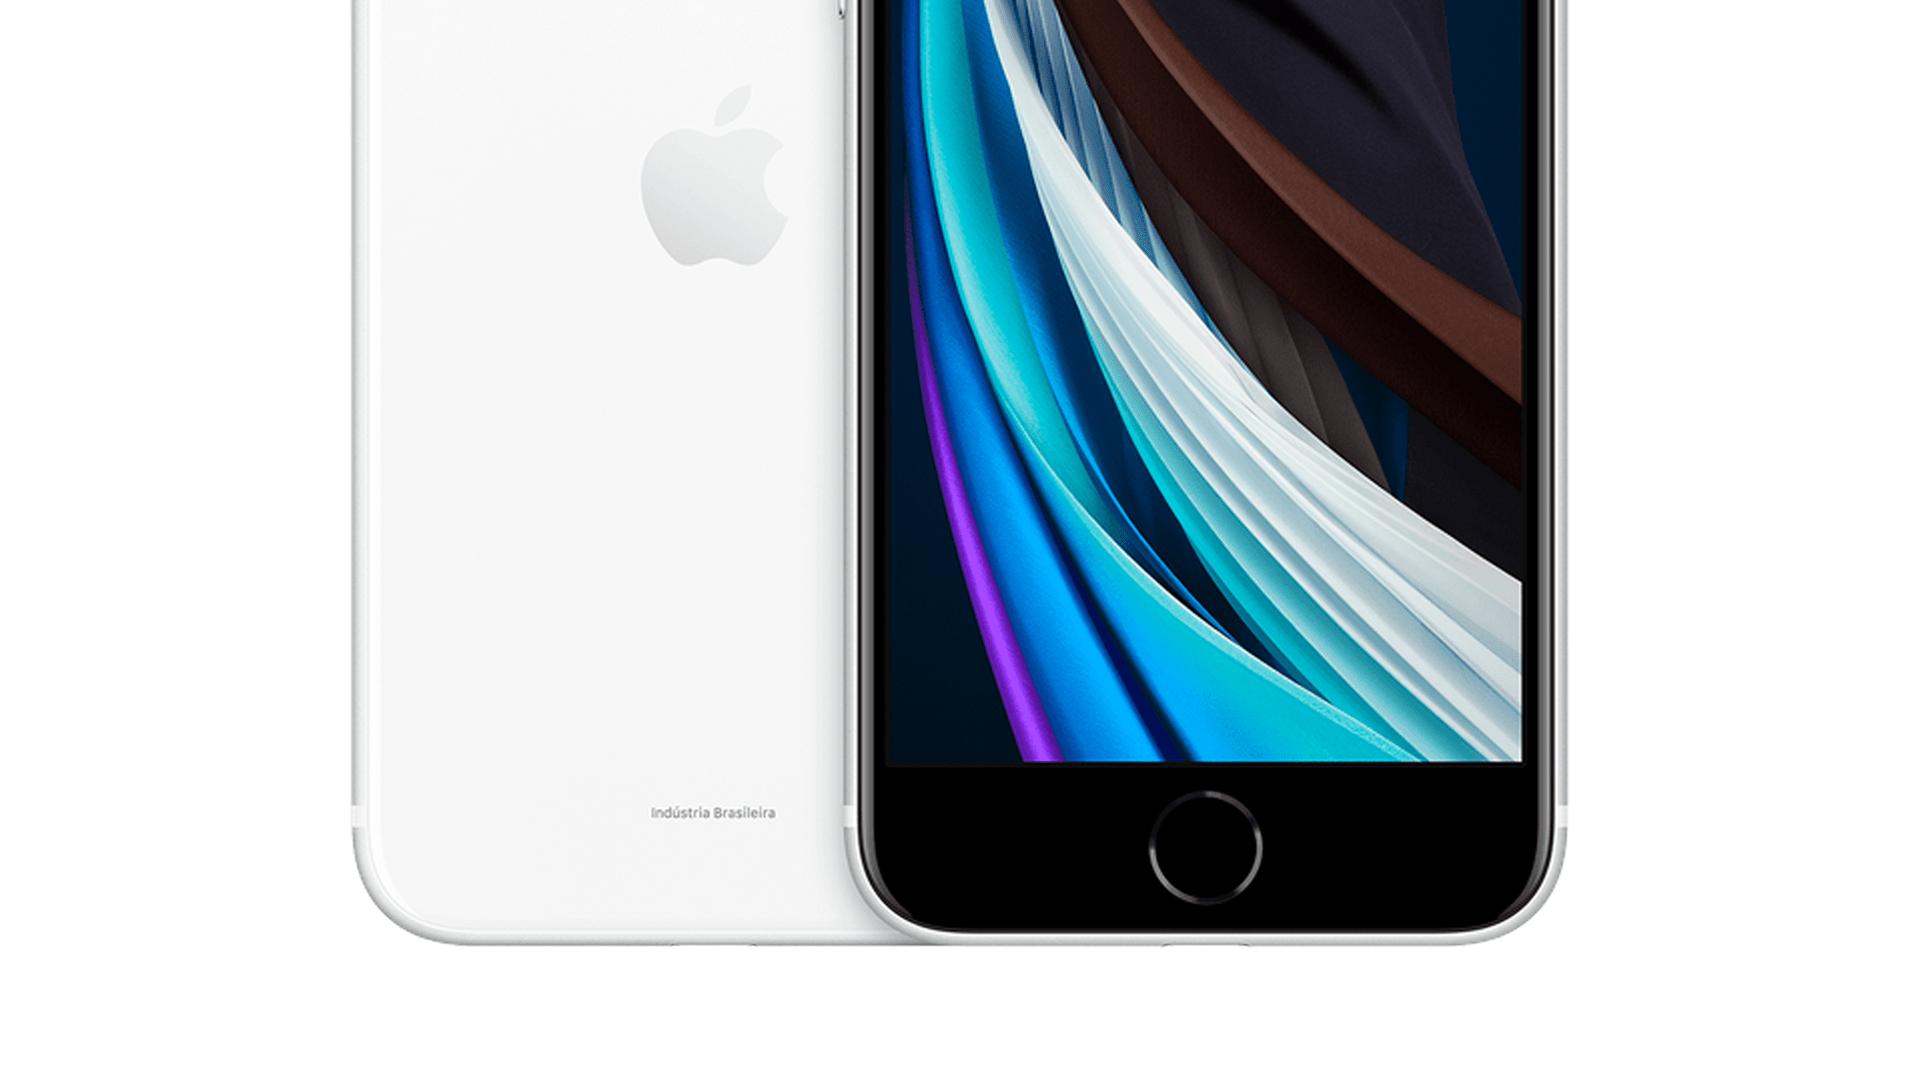 �O果���在巴西�M�b新款iPhone S